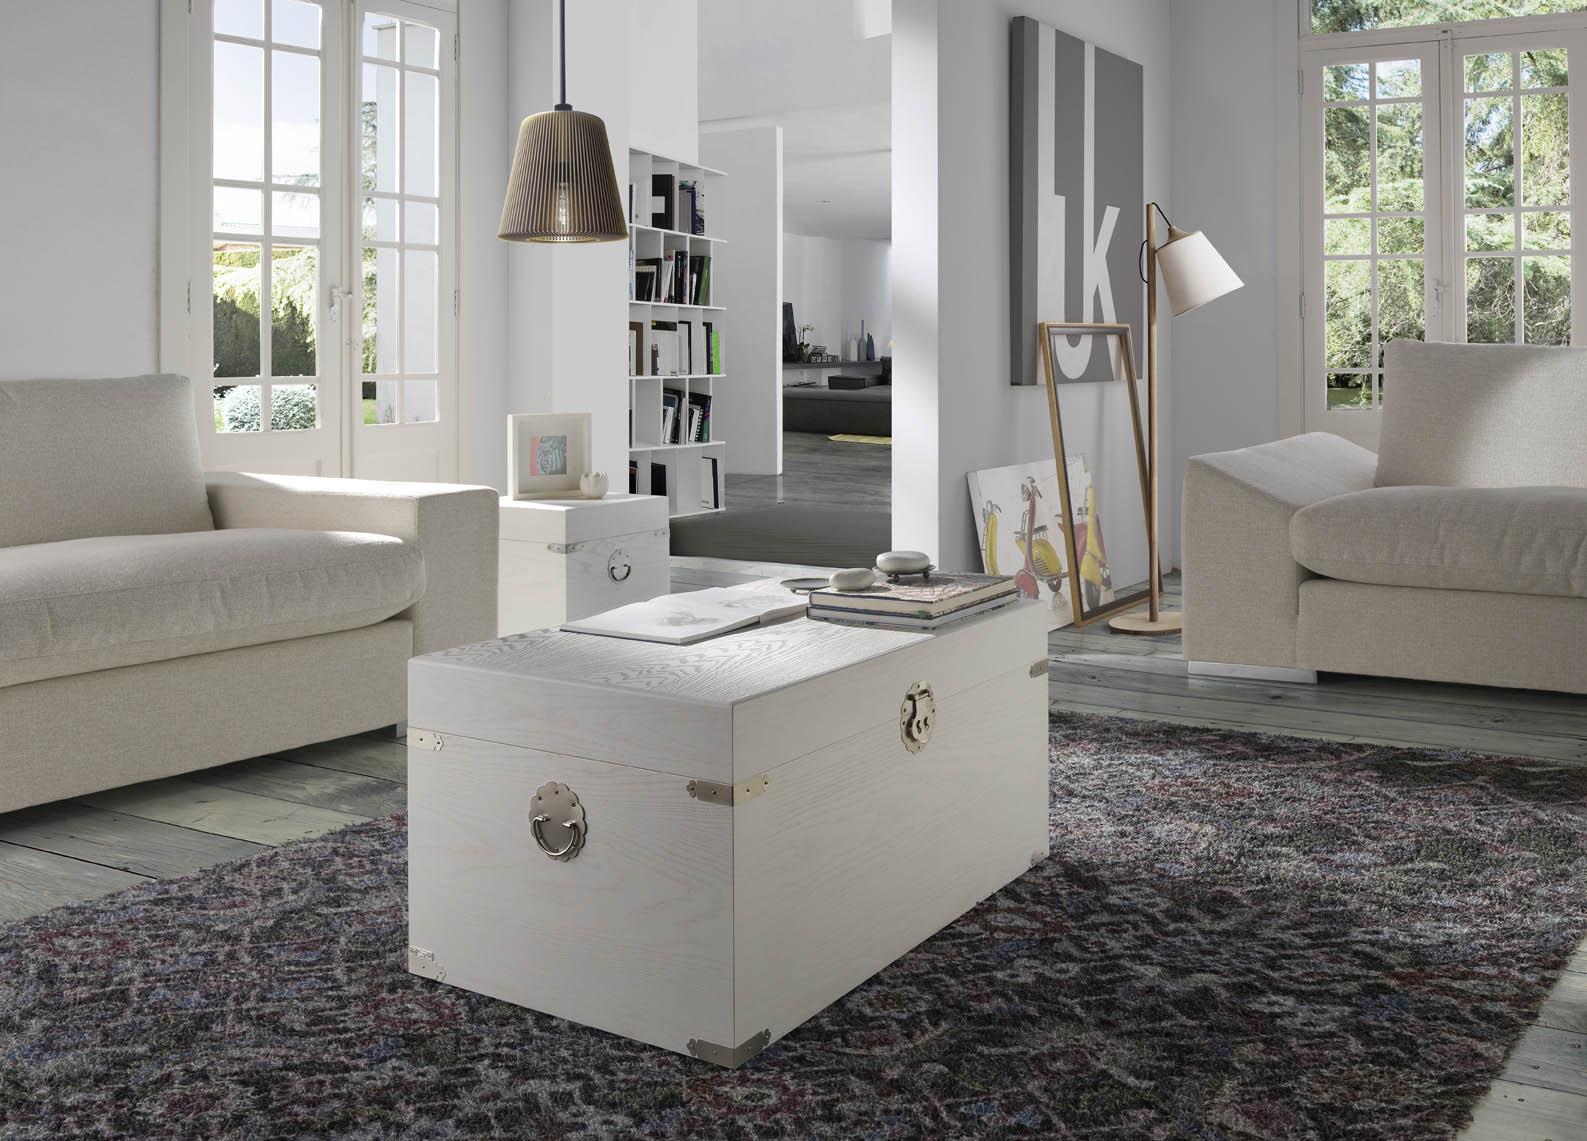 baules como muebles auxiliares Casanova Gandia